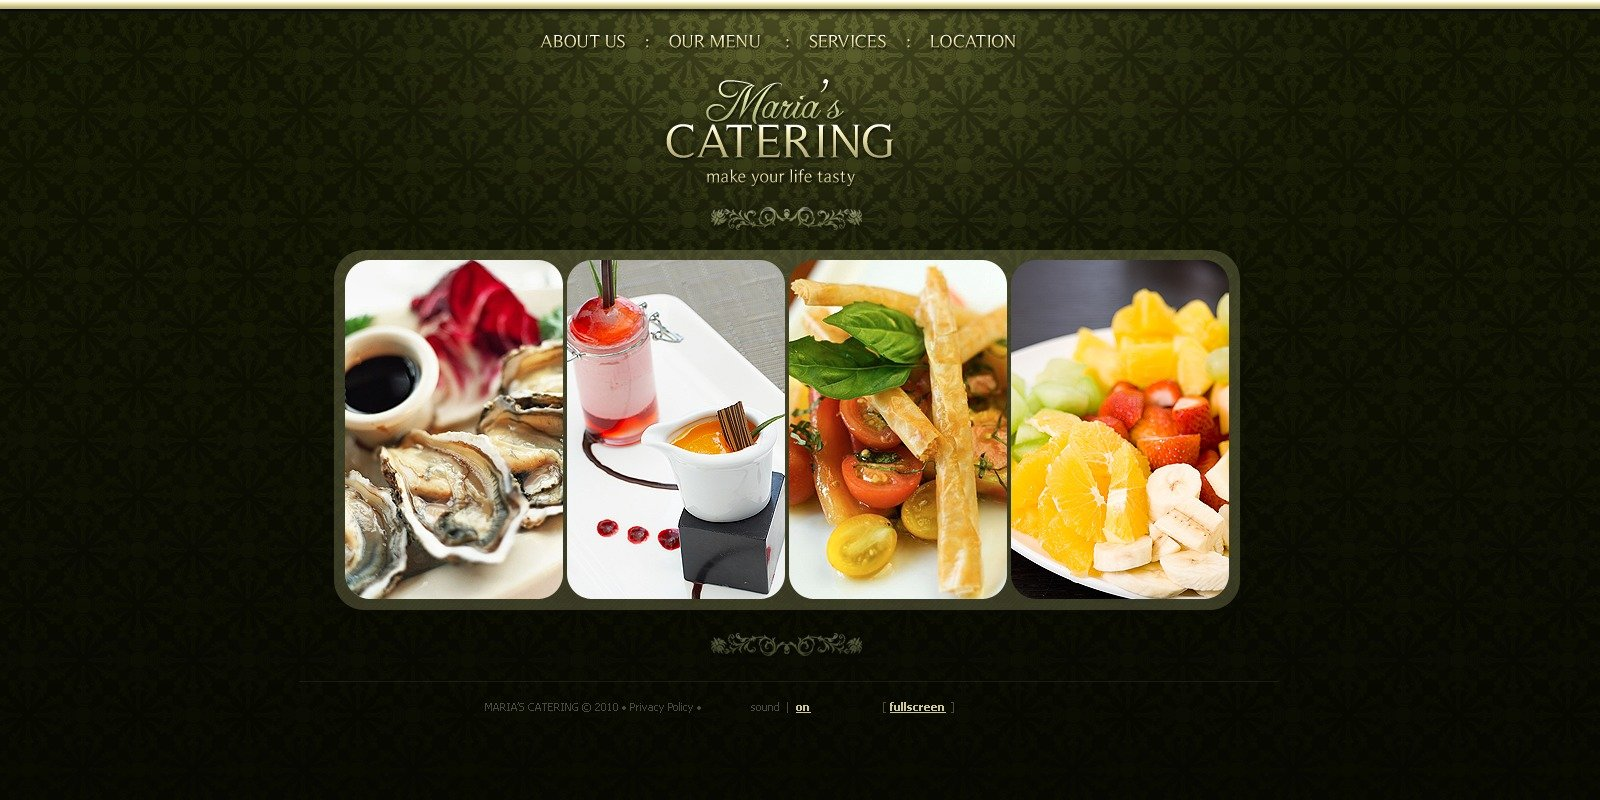 Wunderbar Catering Vorschlag Vorlage Bilder - Bilder für das ...